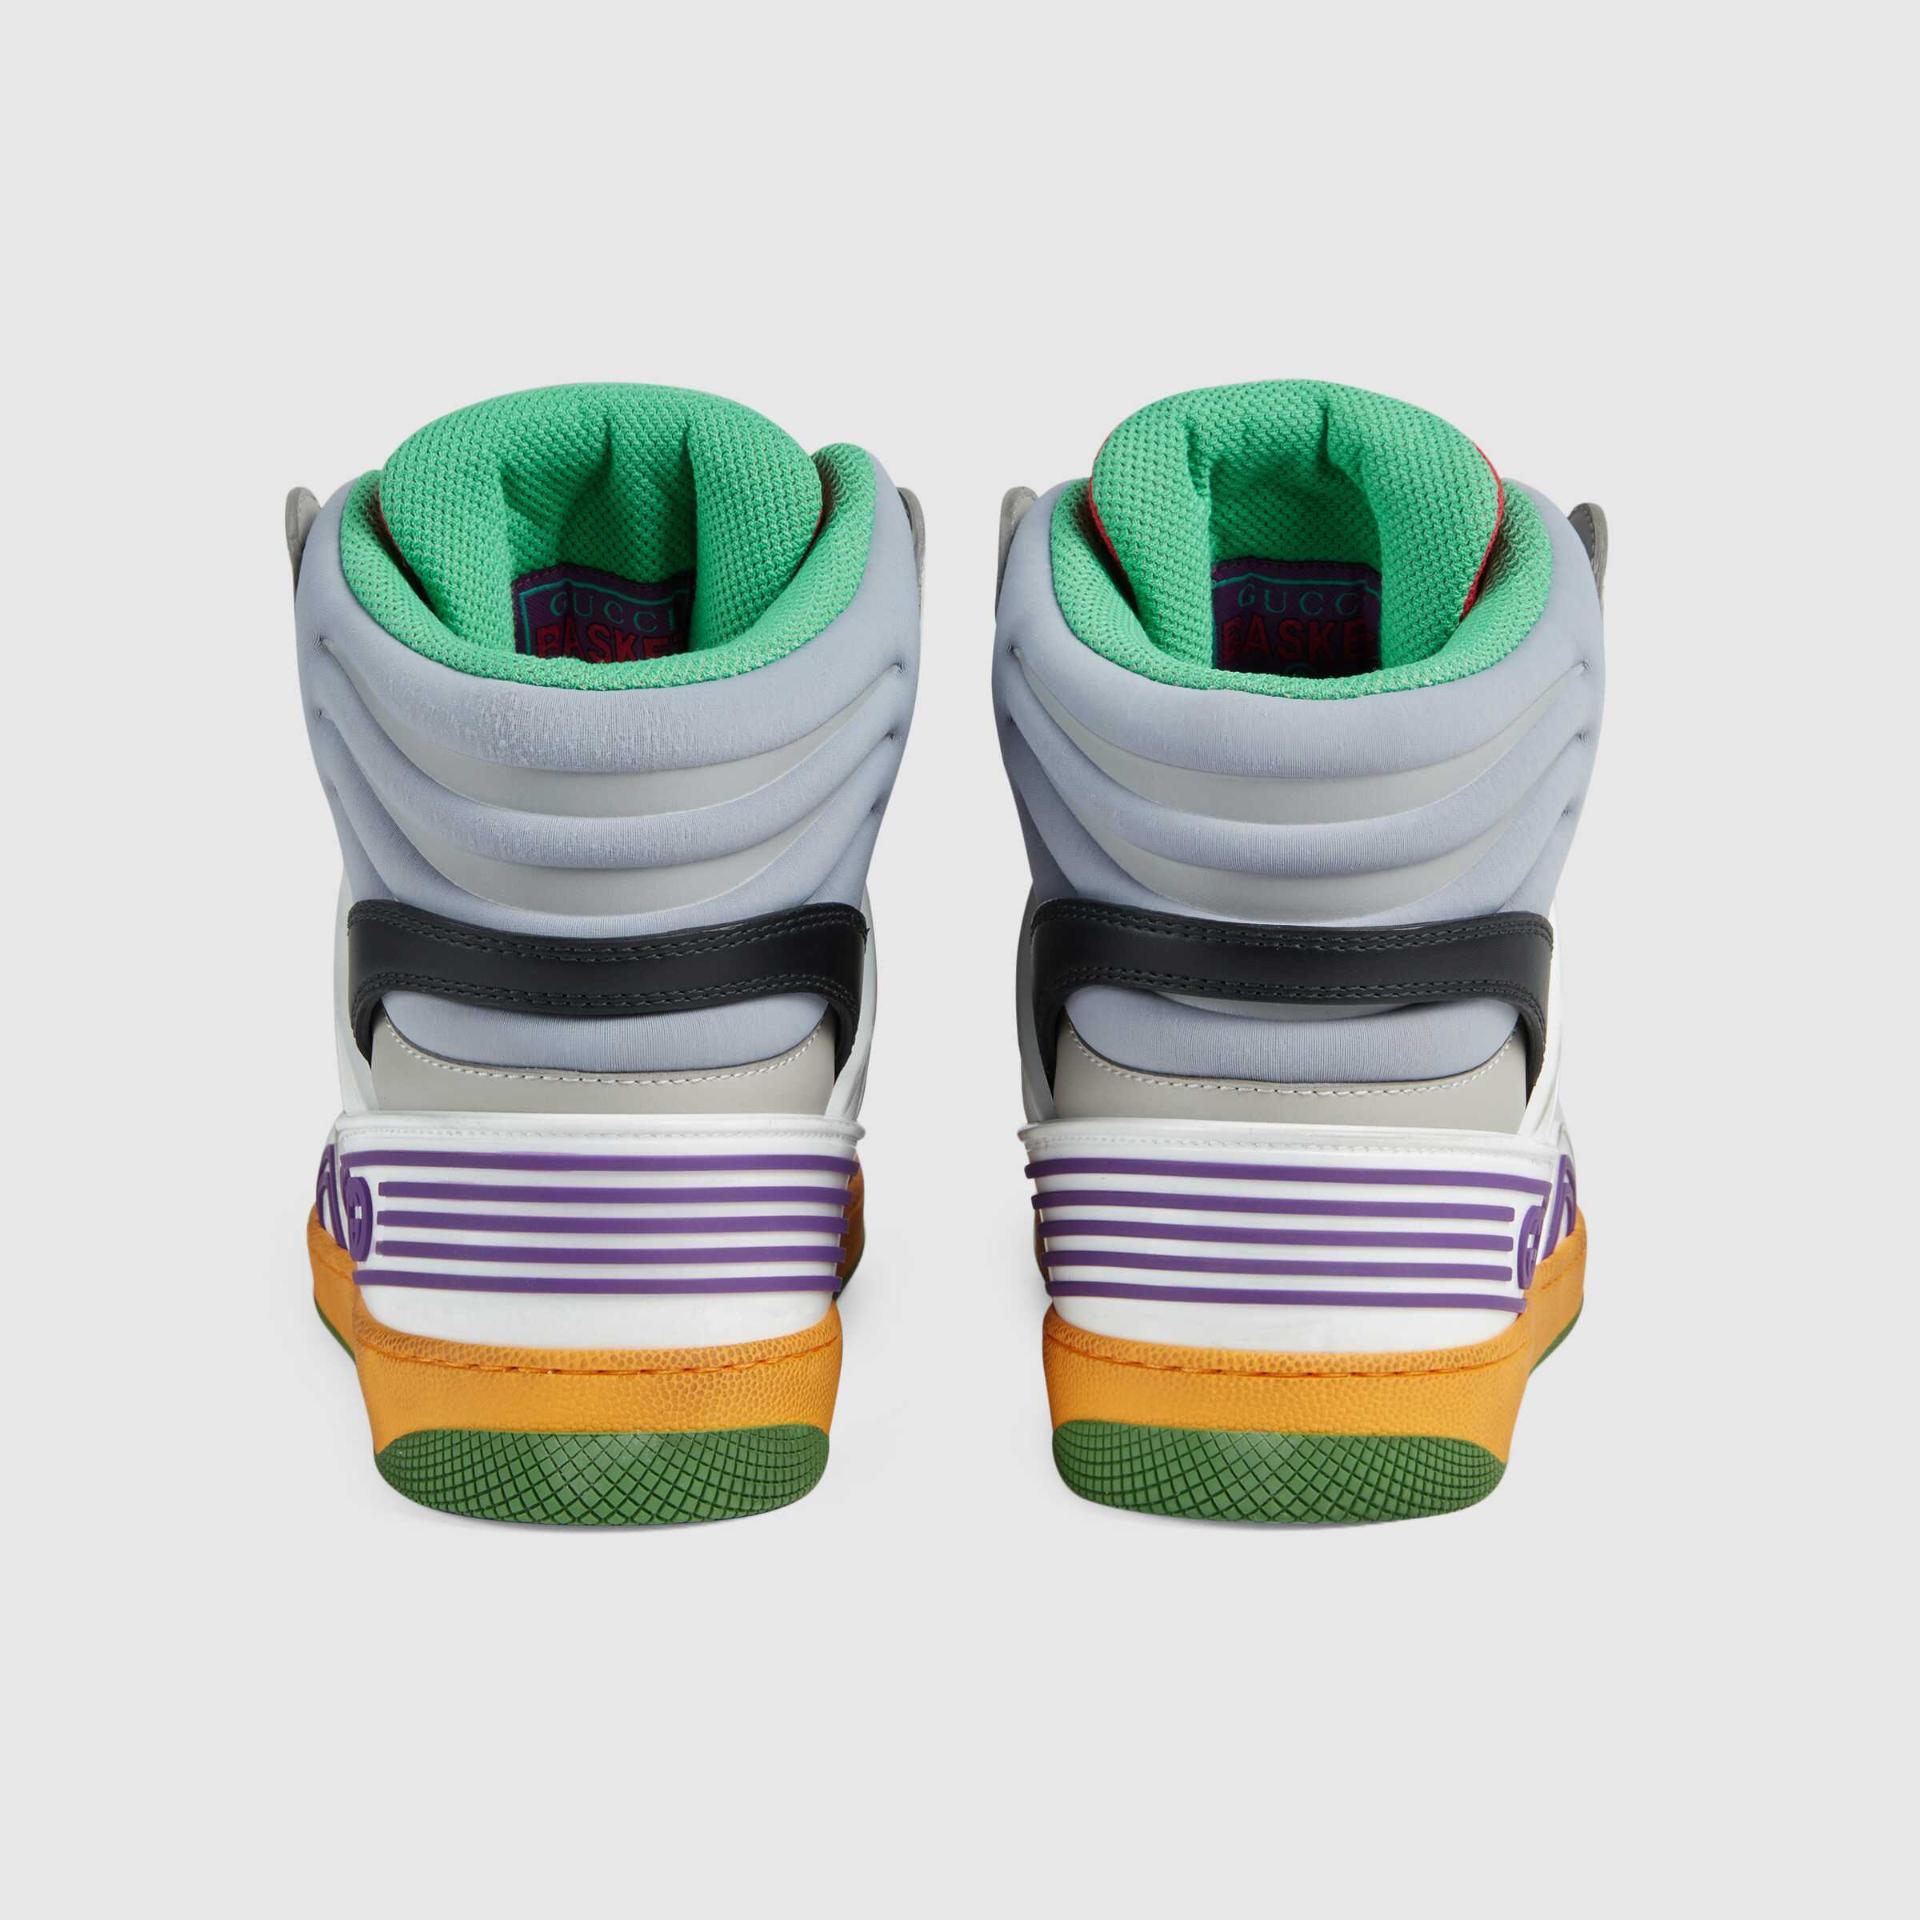 유럽직배송 구찌 GUCCI Gucci - Gucci Basket sneaker with Interlocking G 6613032SH901072